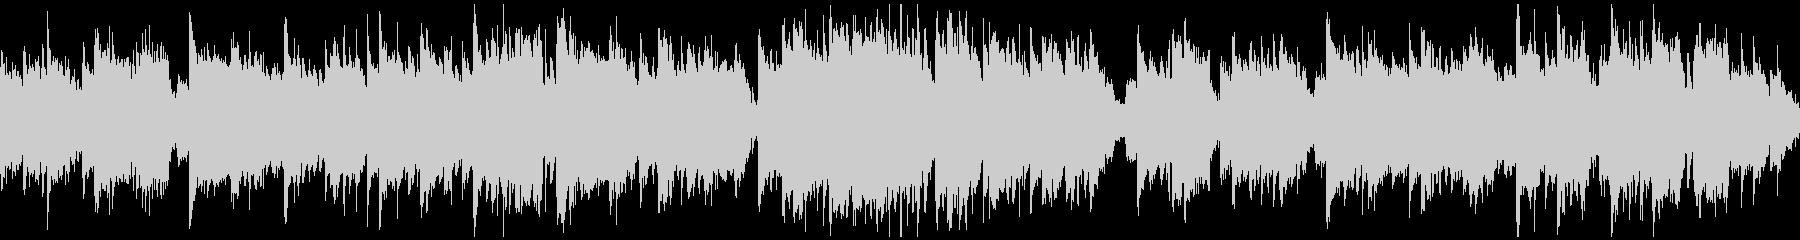 短調の和風曲、壮大、ゆっくり ※ループ版の未再生の波形